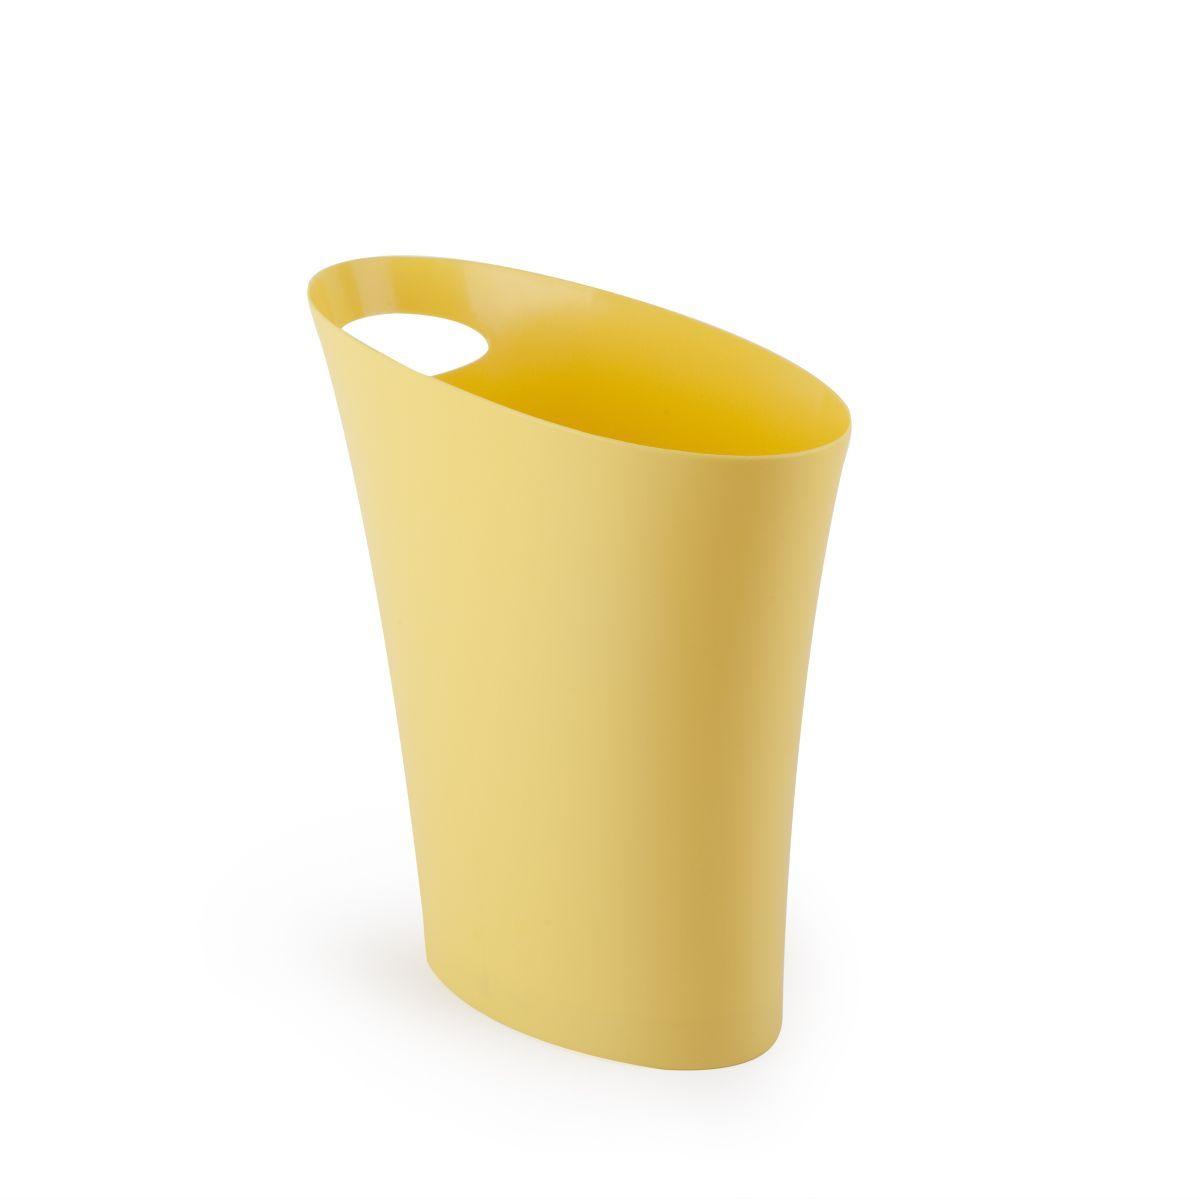 Контейнер мусорный Skinny жасминовый082610-438Очередное изобретение Карима Рашида, одного из самых известных промышленных дизайнеров. Оригинальный замысел и функциональный подход обеспечены! Привычные мусорные корзины в виде старых ведер из-под краски или ненужных коробок давно в прошлом. Каждый элемент в современном доме должен иметь определенный смысл, быть креативным и удобным. Вплоть до мусорного ведра. Несмотря на кажущийся миниатюрный размер, ведро вмещает до 7,5 литров, а ручка в виде отверстия на верхней части ведра удобна при переноске. Материал: полипропилен; цвет: желтый